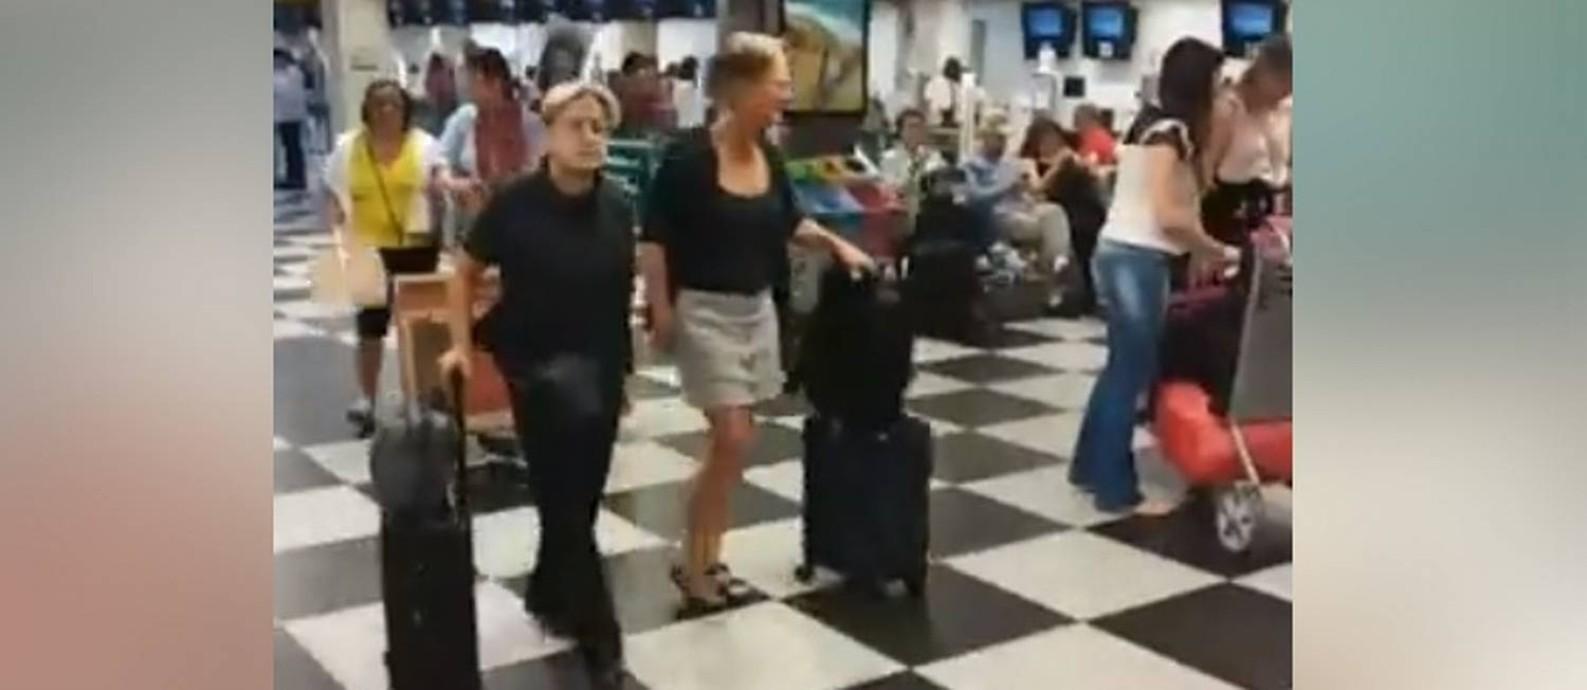 Judith Butler (esq.) e sua mulher, Wendy Brown, no aeroporto de Congonhas Foto: Reprodução de vídeo do Facebook